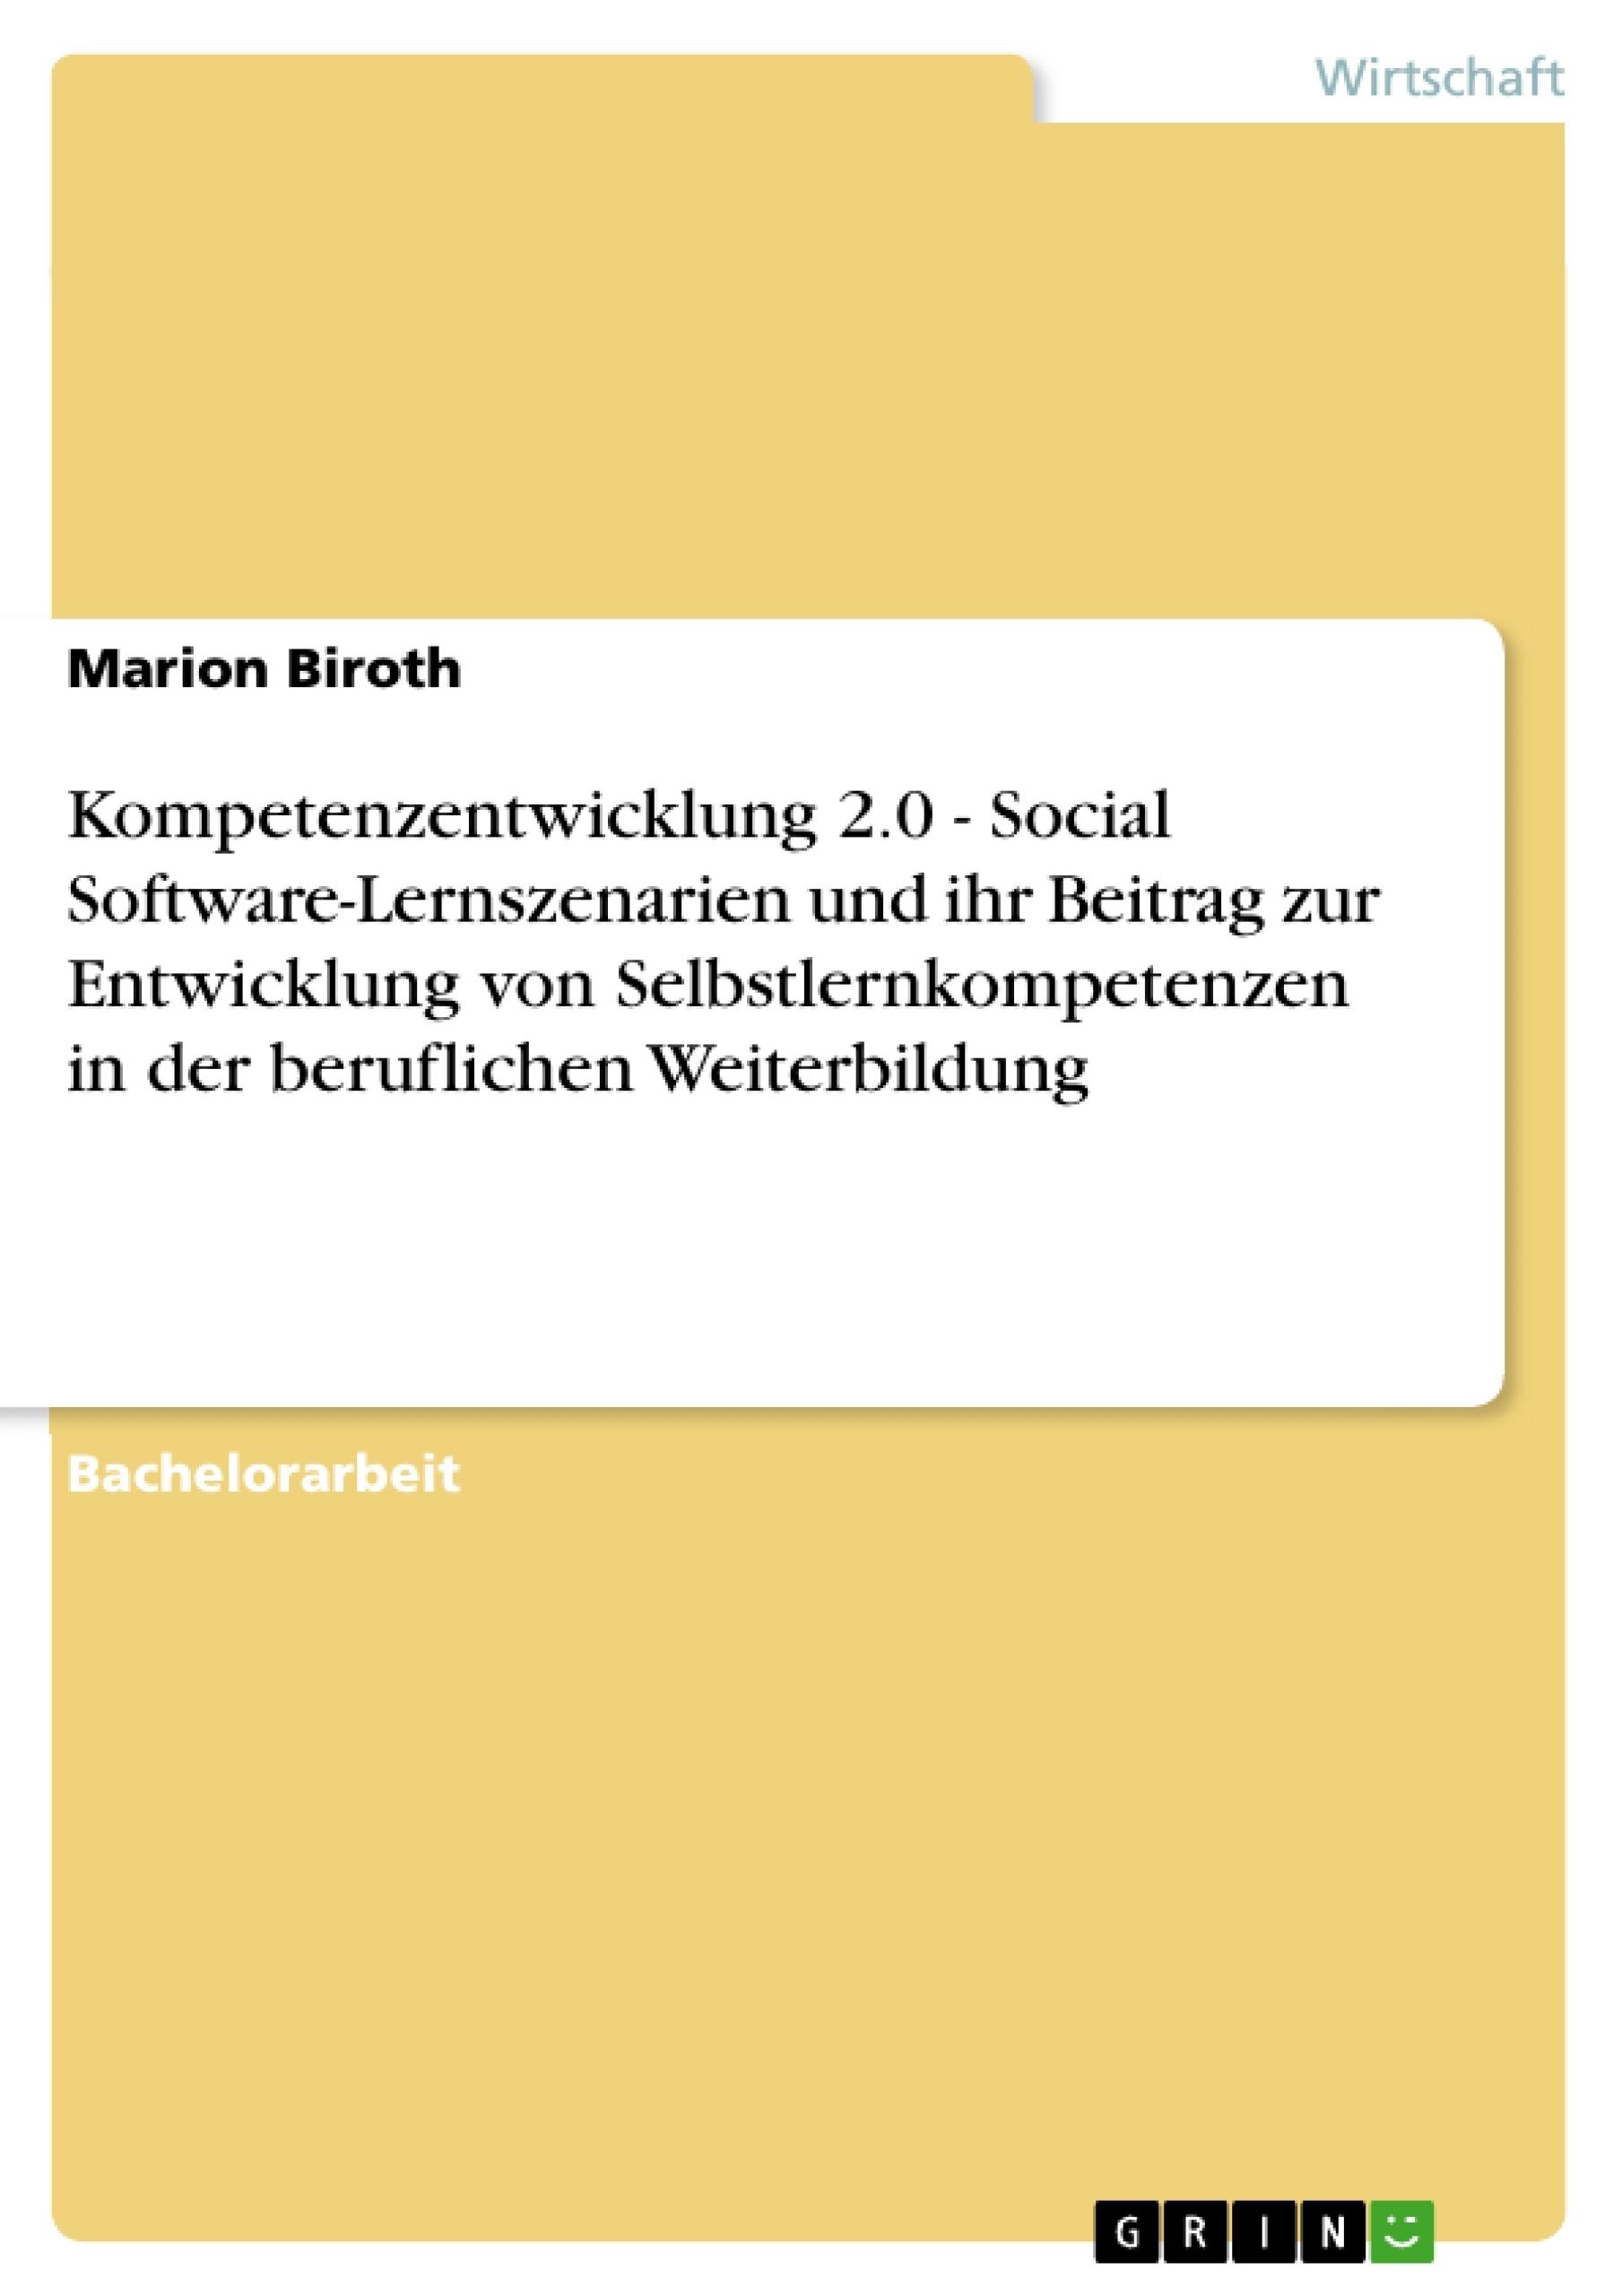 Titel: Kompetenzentwicklung 2.0 - Social Software-Lernszenarien und ihr Beitrag zur Entwicklung von Selbstlernkompetenzen in der beruflichen Weiterbildung